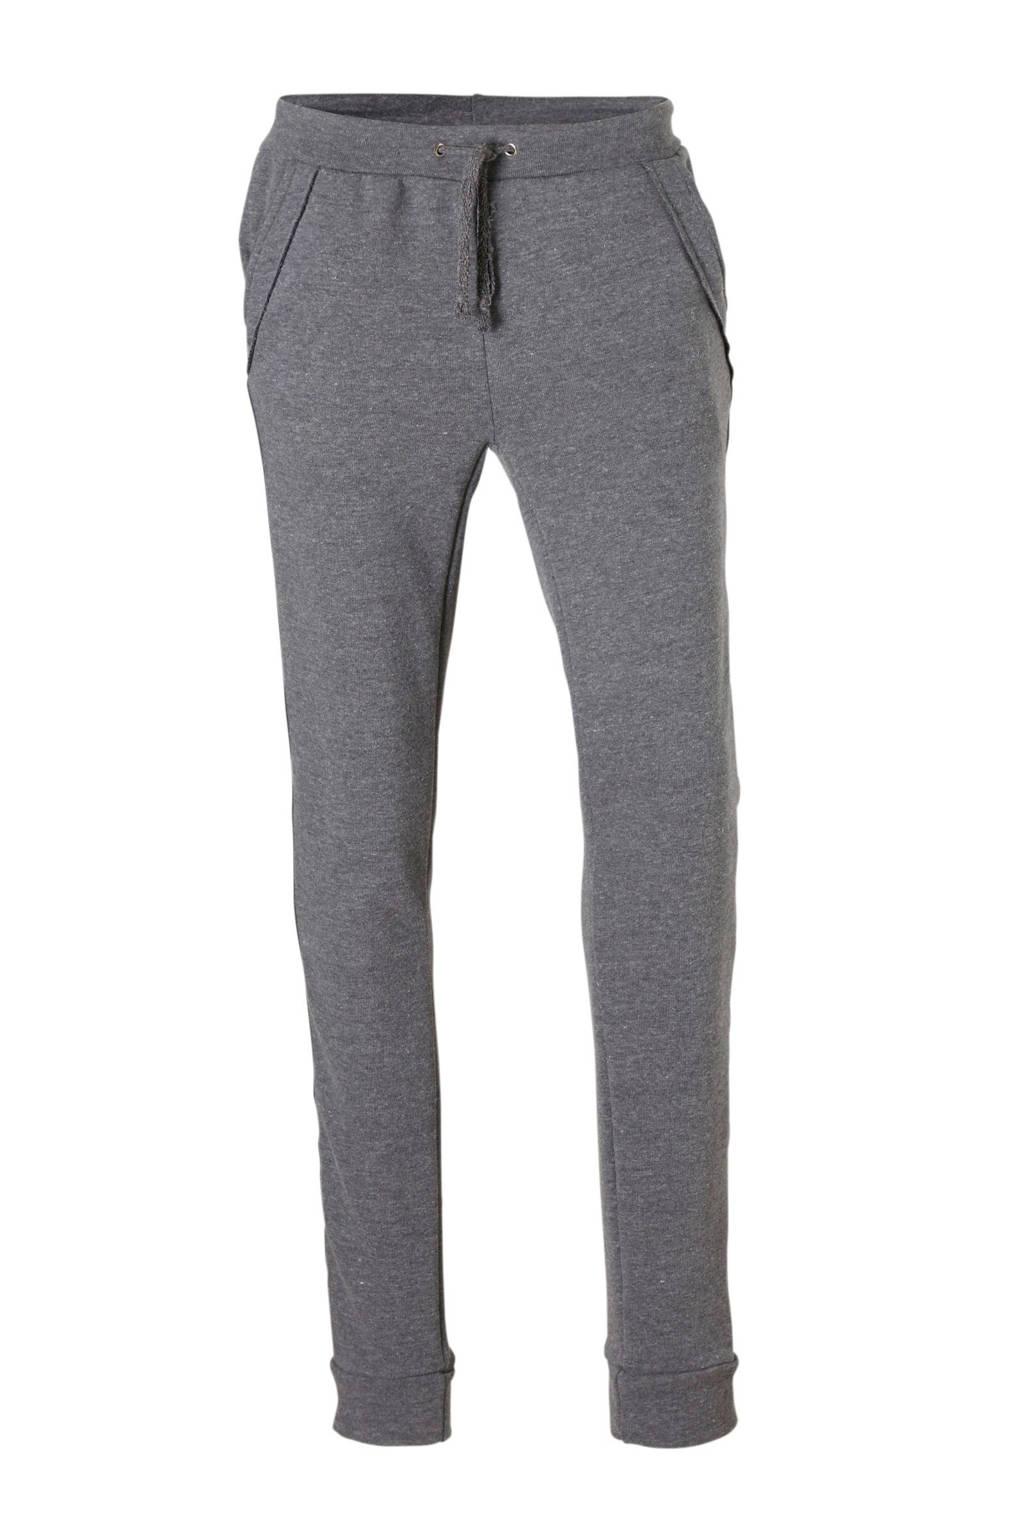 Papillon joggingbroek grijs, grijs melange/zwart/goud/zilver